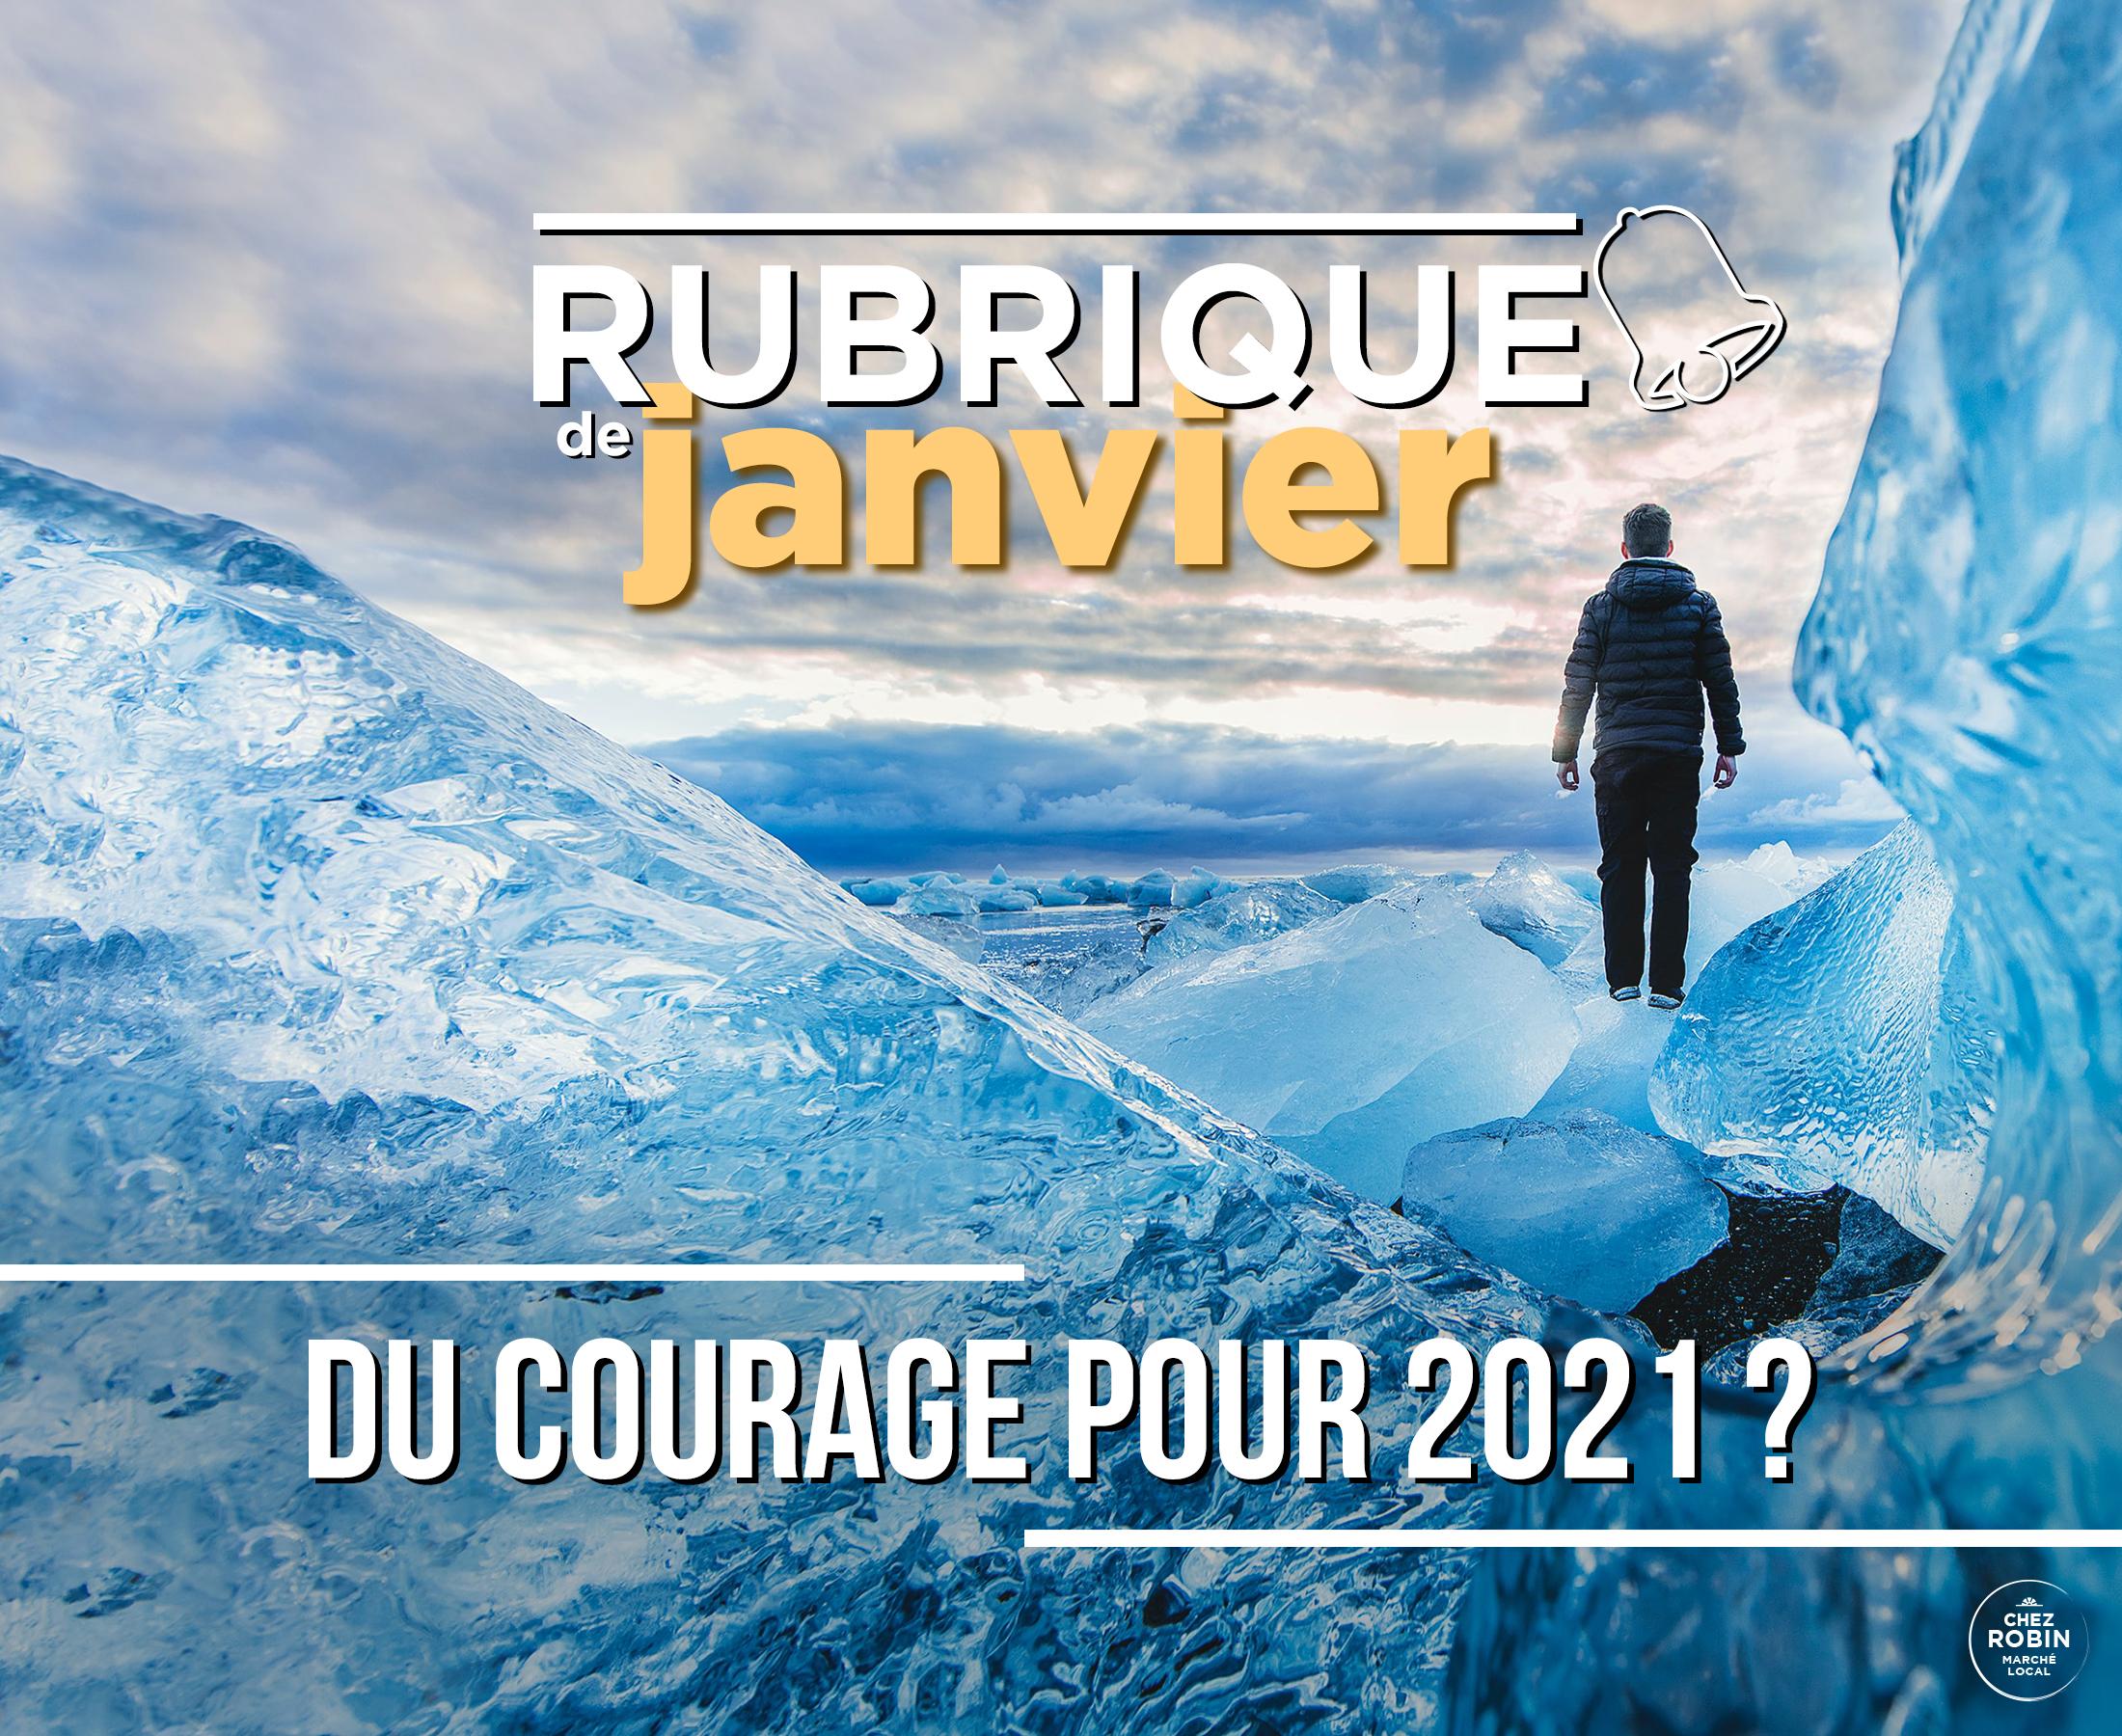 Du courage pour 2021 ?